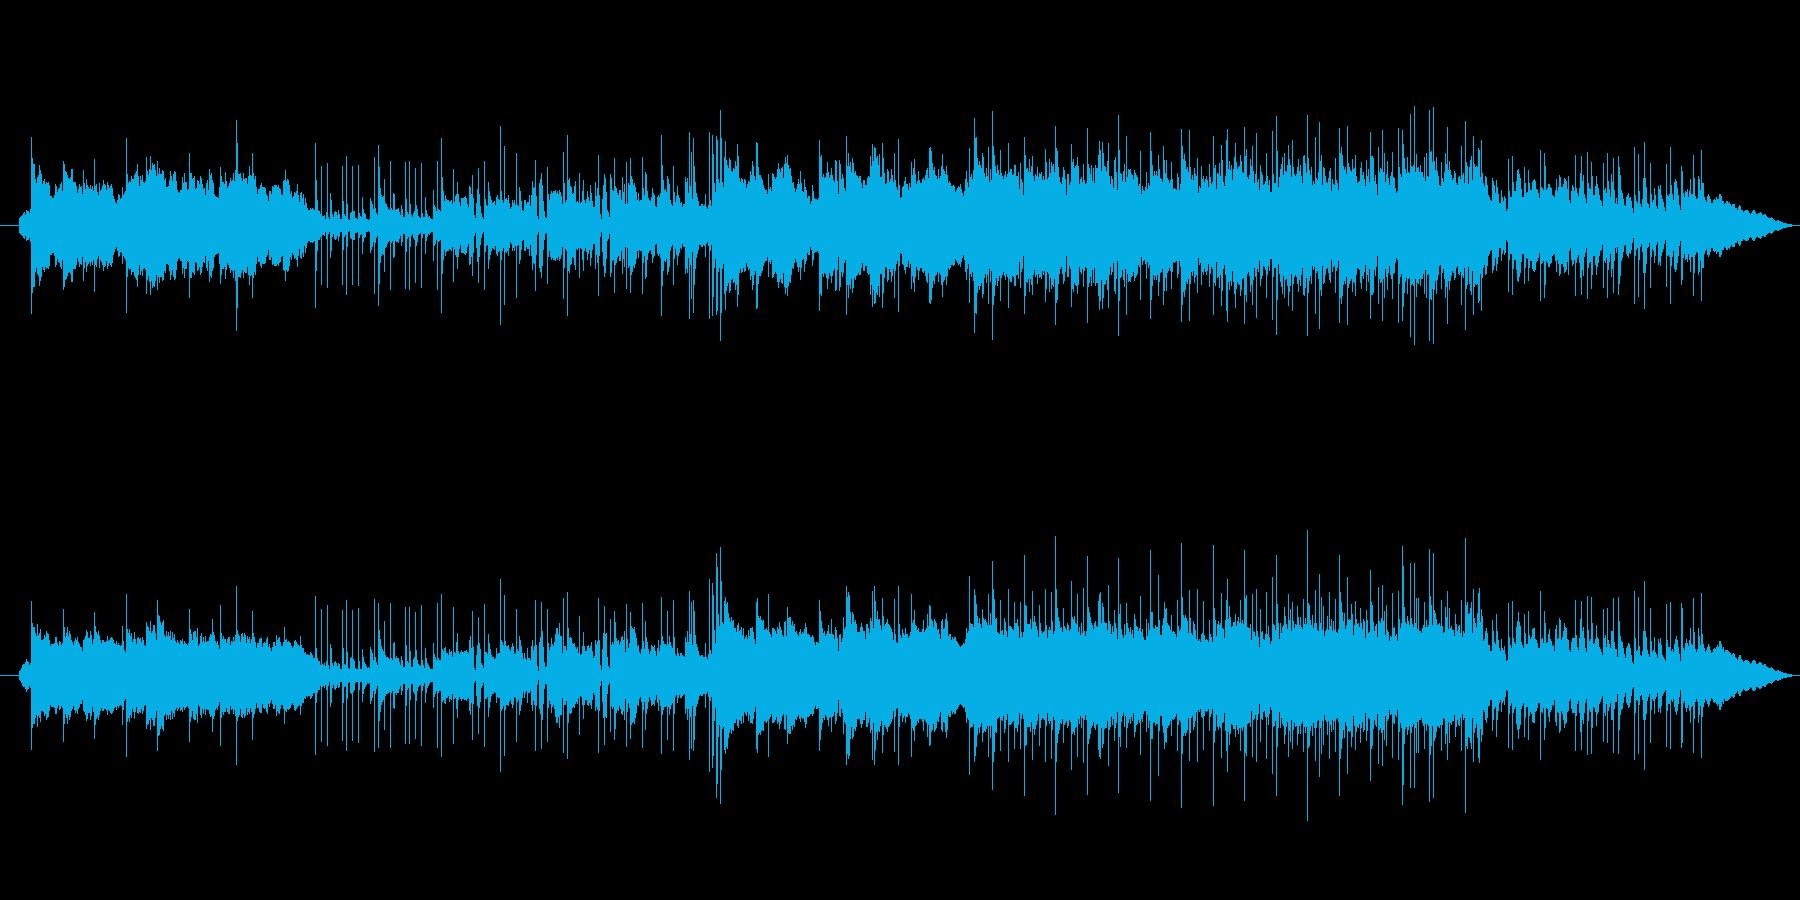 和風切ないバラードインストBGMの再生済みの波形